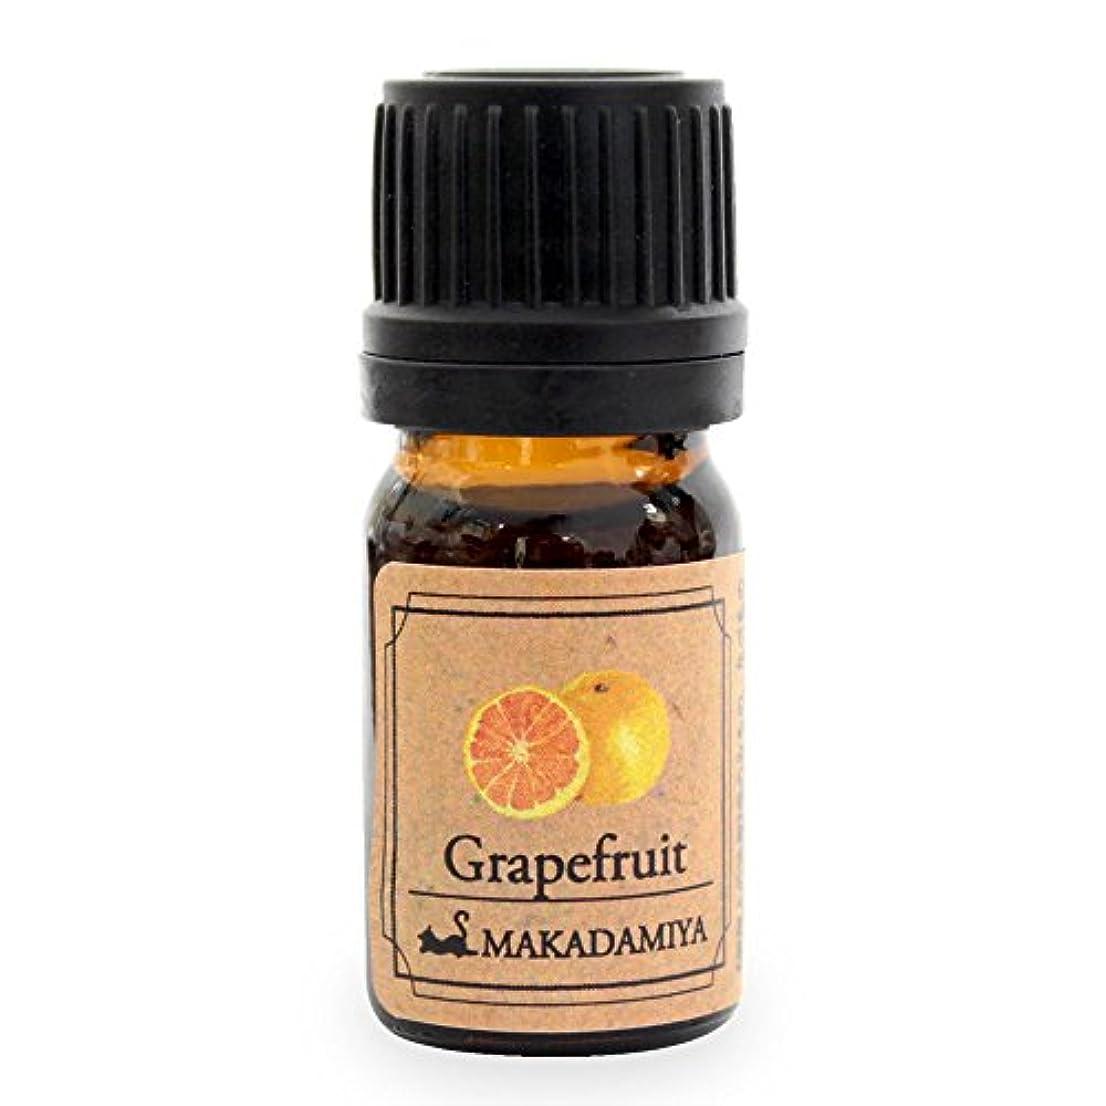 スイッチシーン流体グレープフルーツ5ml 天然100%植物性 エッセンシャルオイル(精油) アロマオイル アロママッサージ aroma Grapefruit